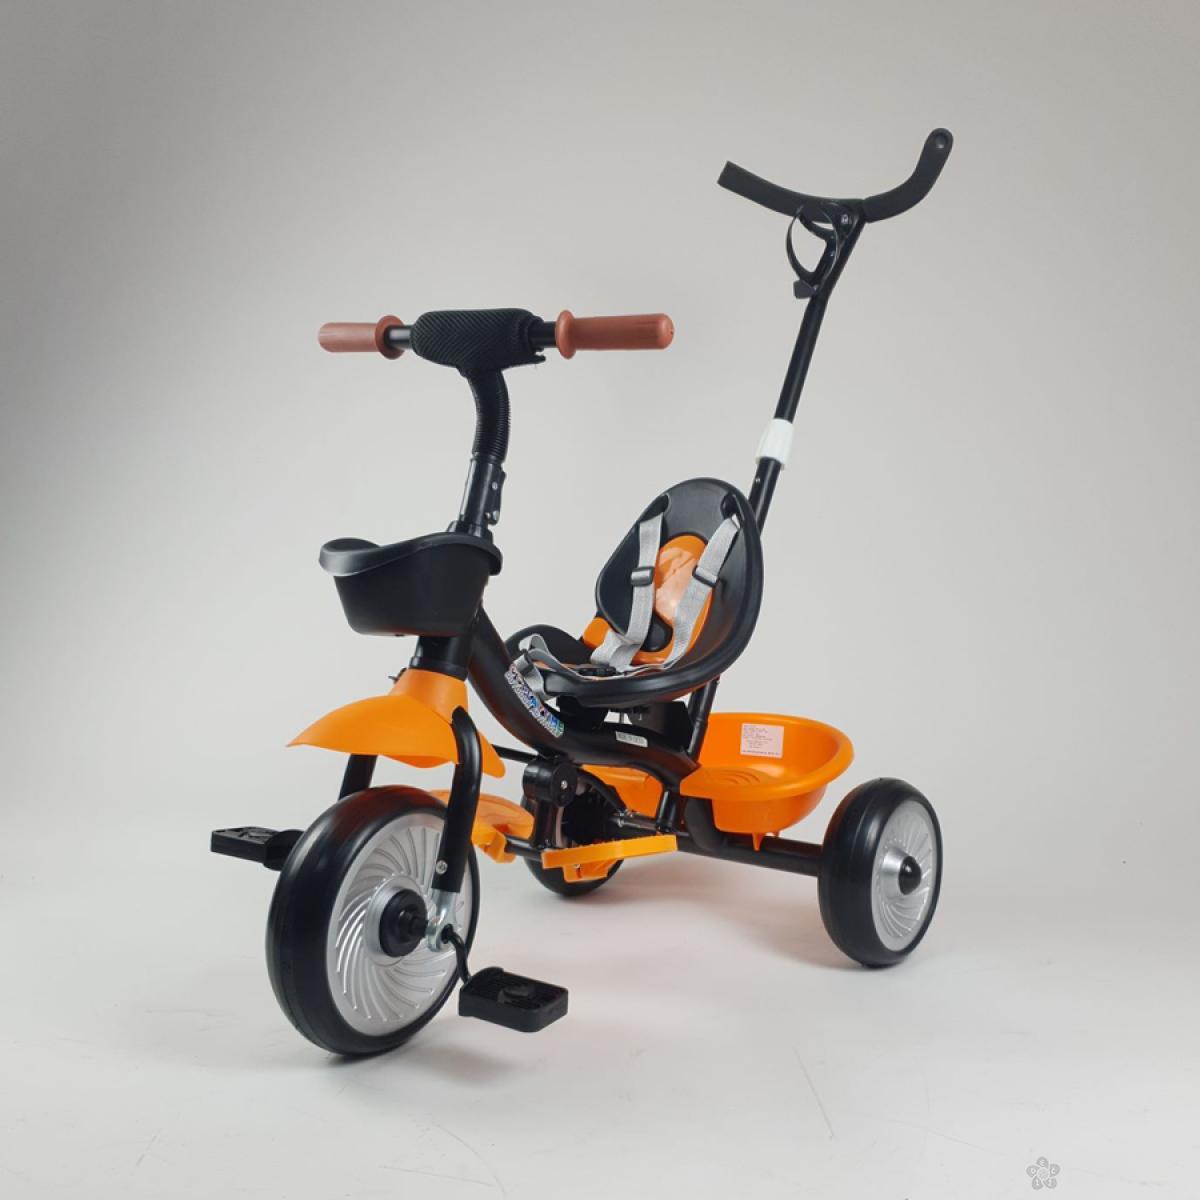 Tricikl  sa ručicom za guranje model 429 narandžasti